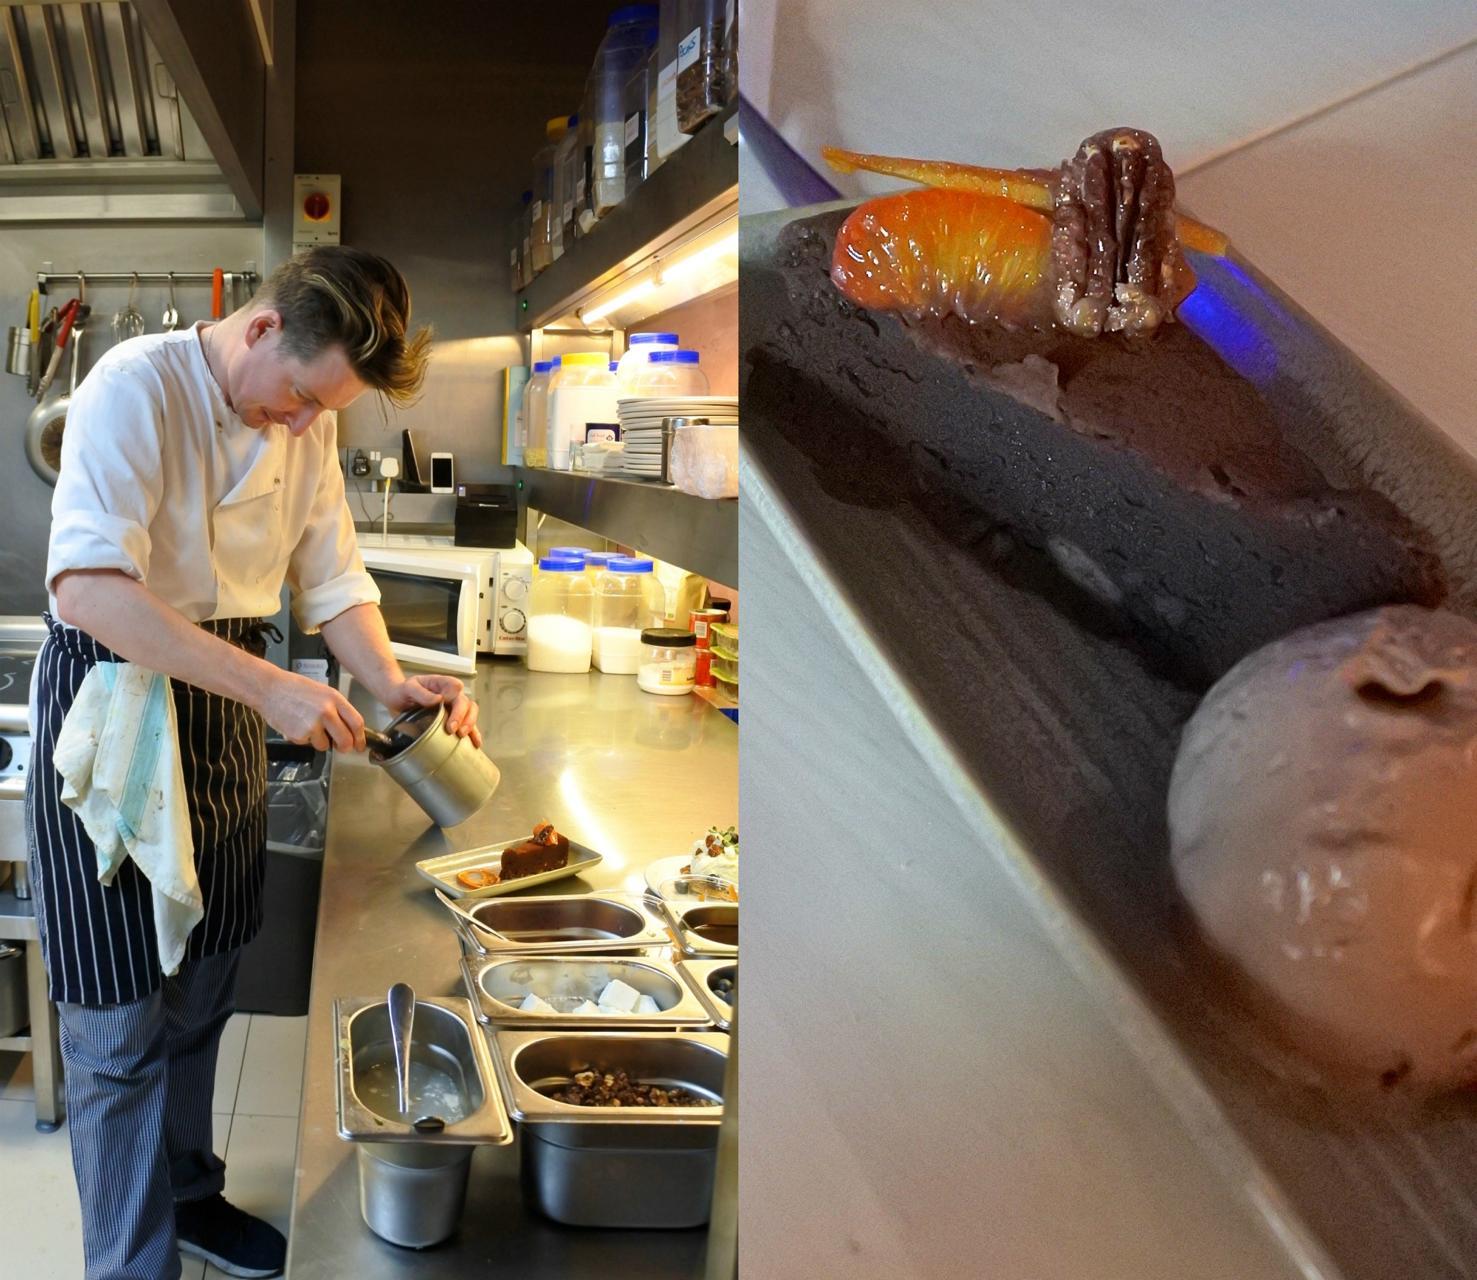 焼き菓子は基本、とっても美味しいハニー・ブランド。左はペイストリー・セクションで一人サービスしていた友人の同僚 ^^